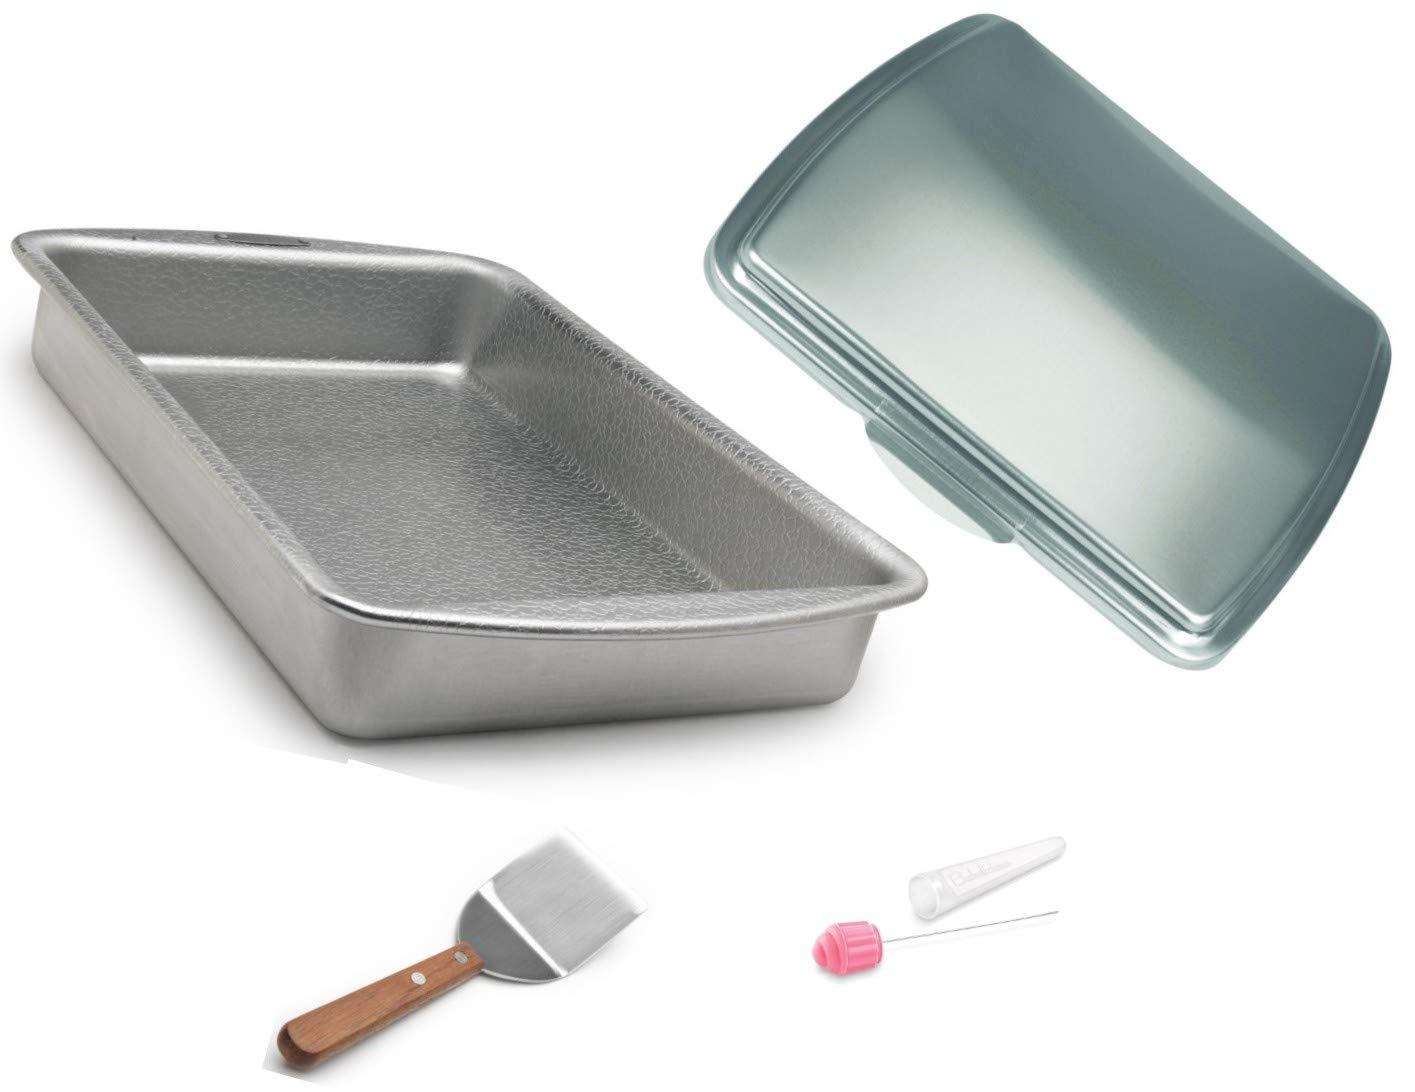 Doughmakers 9x13 Cake Pan, Lid, Server, Tester Set